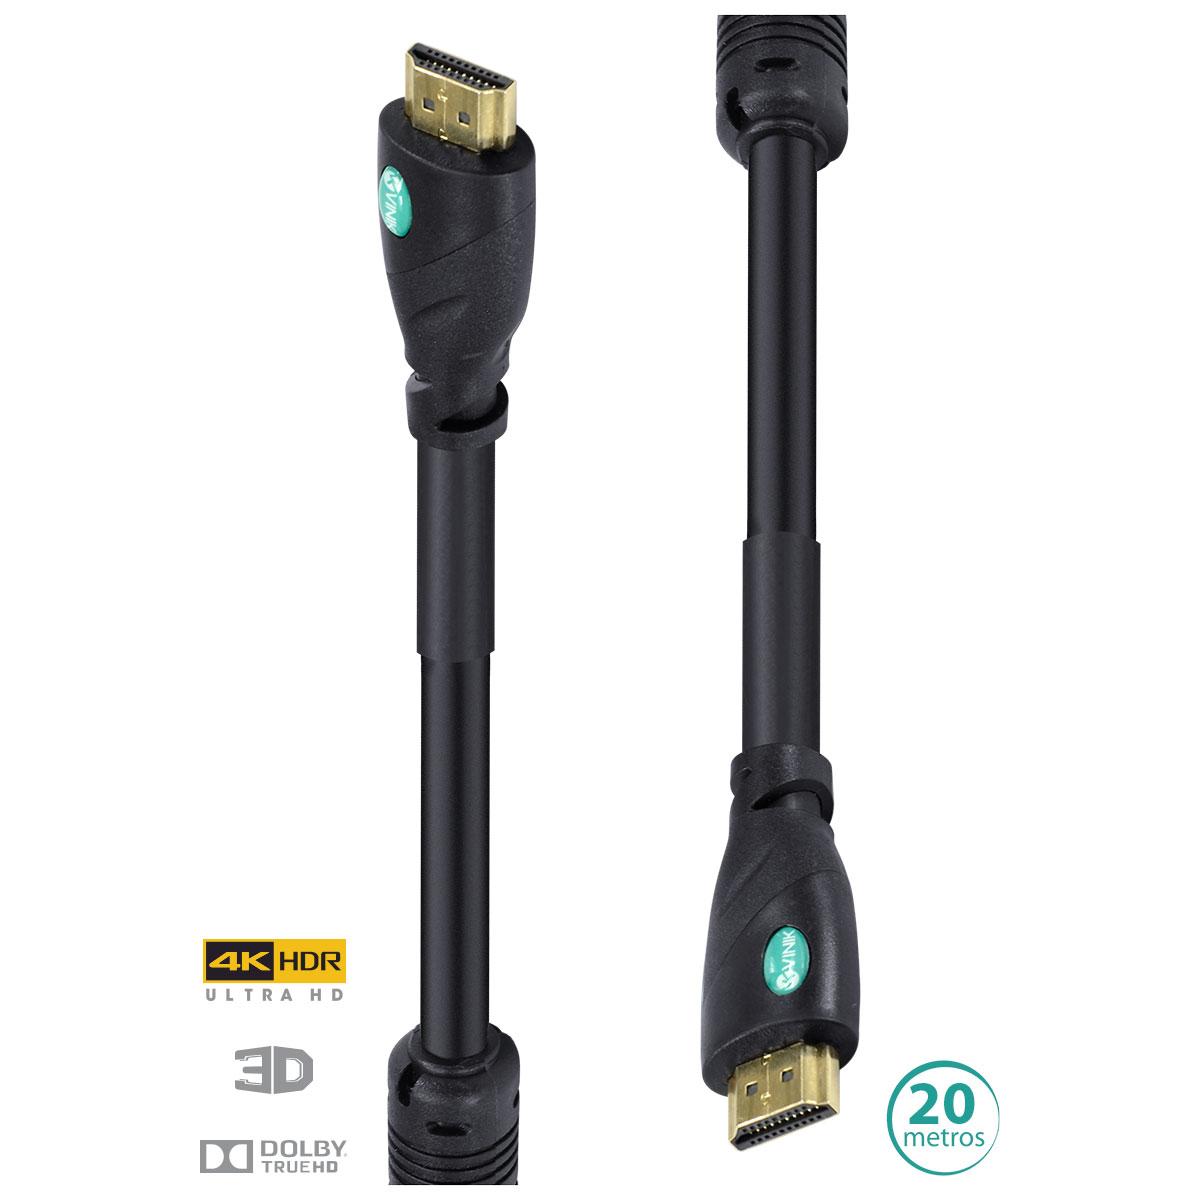 CABO HDMI 2.0 4K ULTRA HD 3D CONEXÃO ETHERNET COM FILTRO 20 METROS - H20F-20